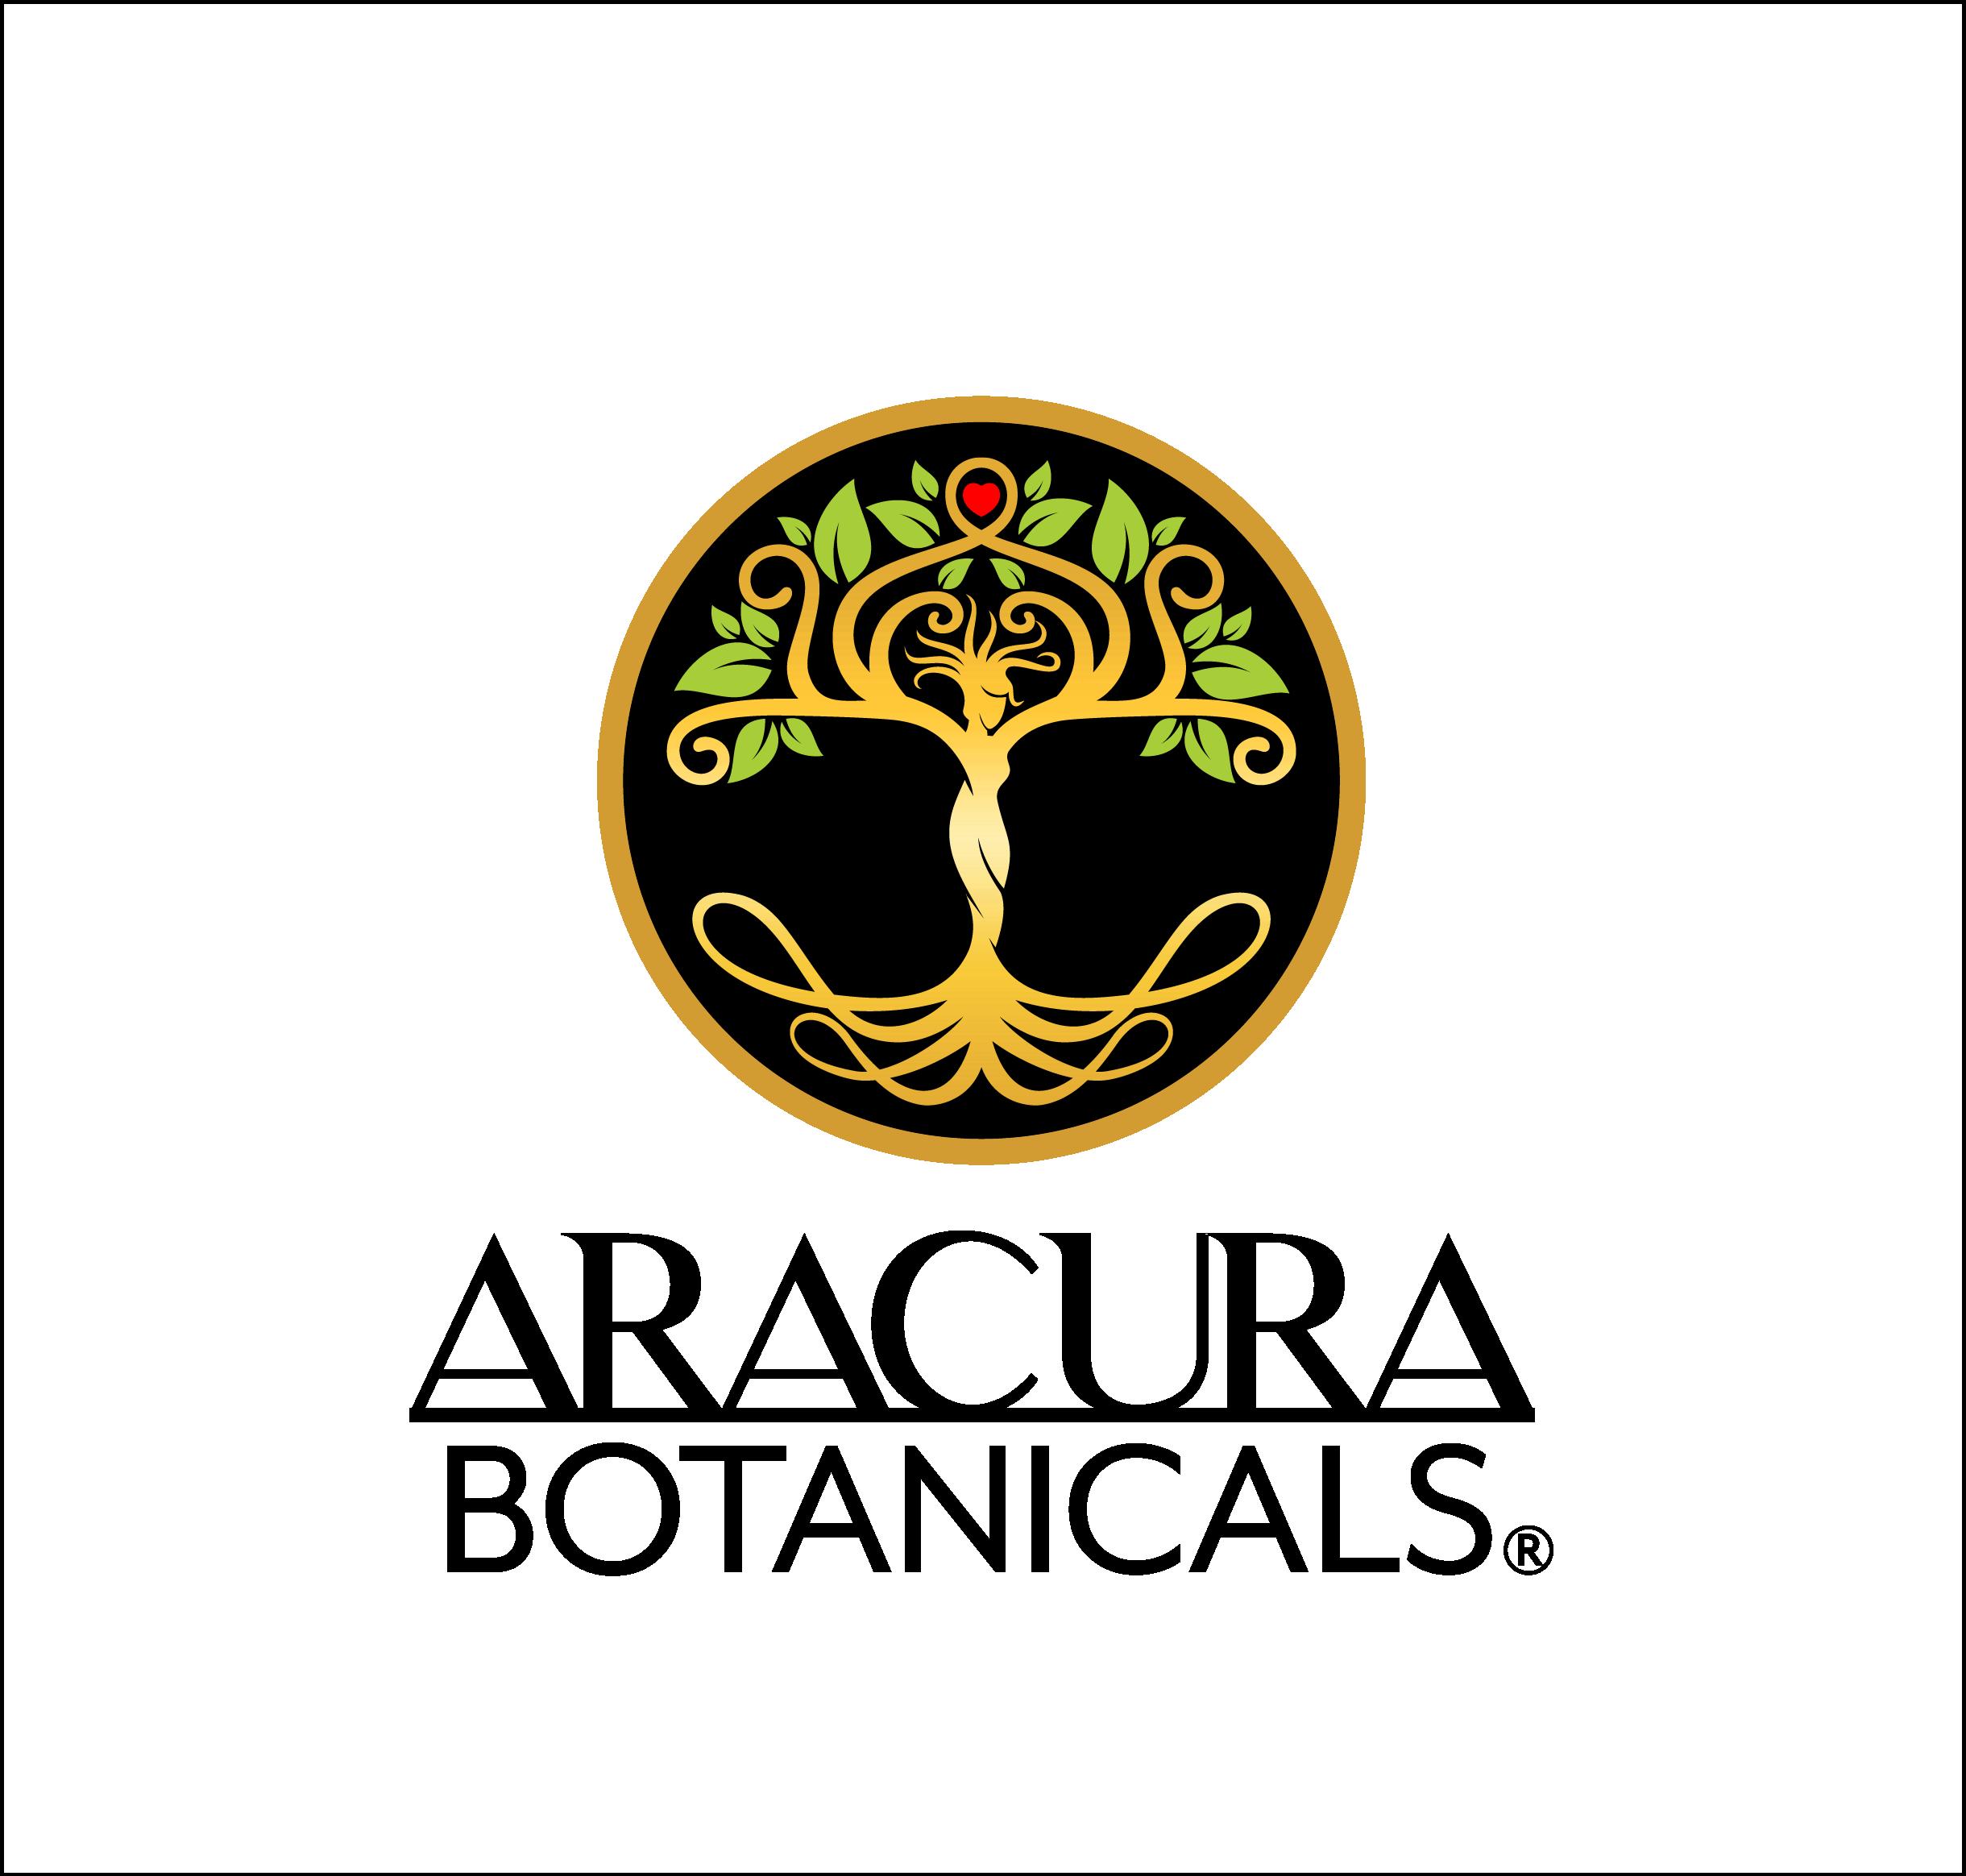 Aracura Botanicals Logo Redesign